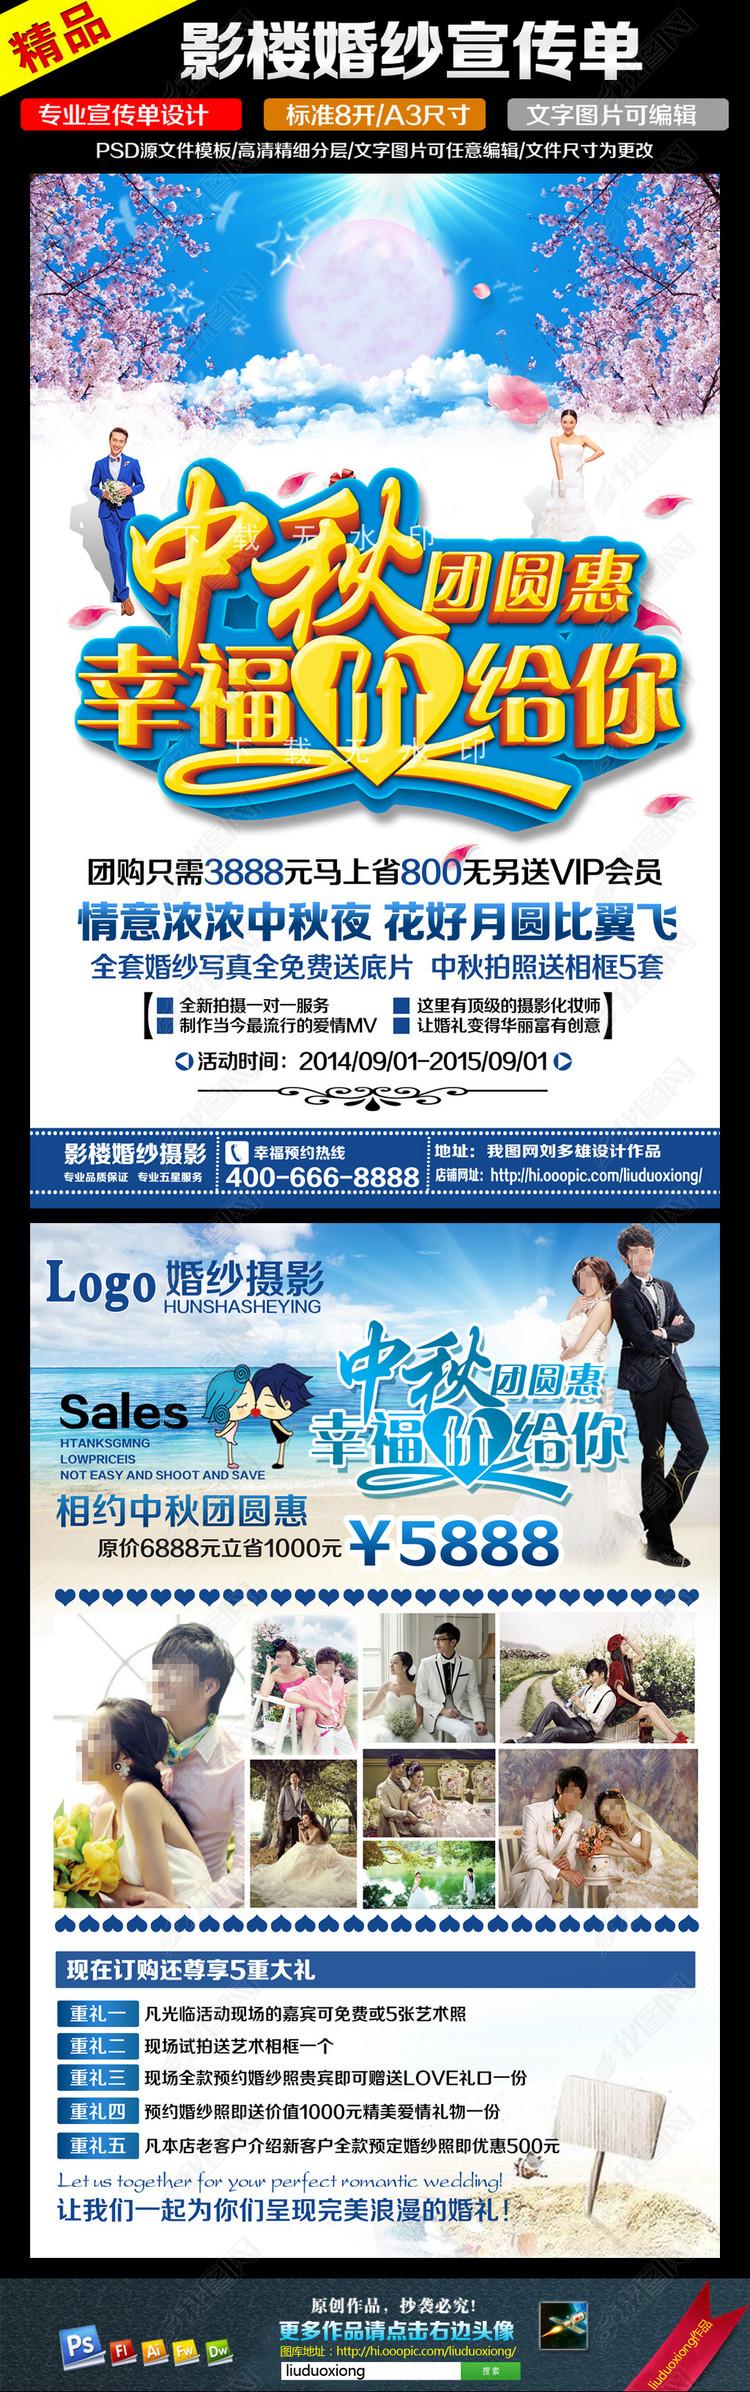 中秋节婚庆婚纱摄影影楼DM宣传单设计模板